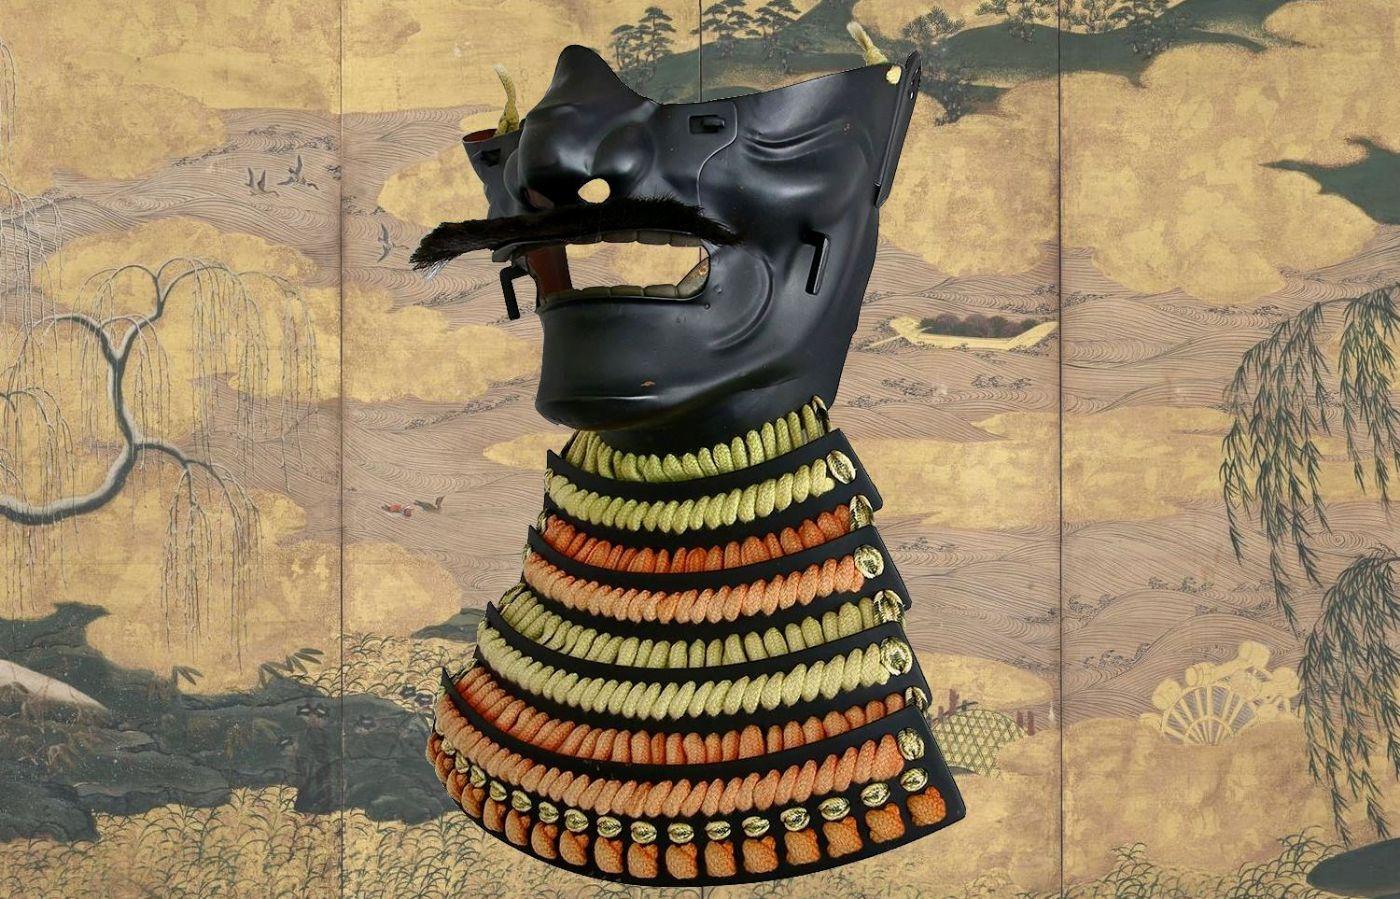 thumb6 ARMATURA SAMURAI ORIGINALE